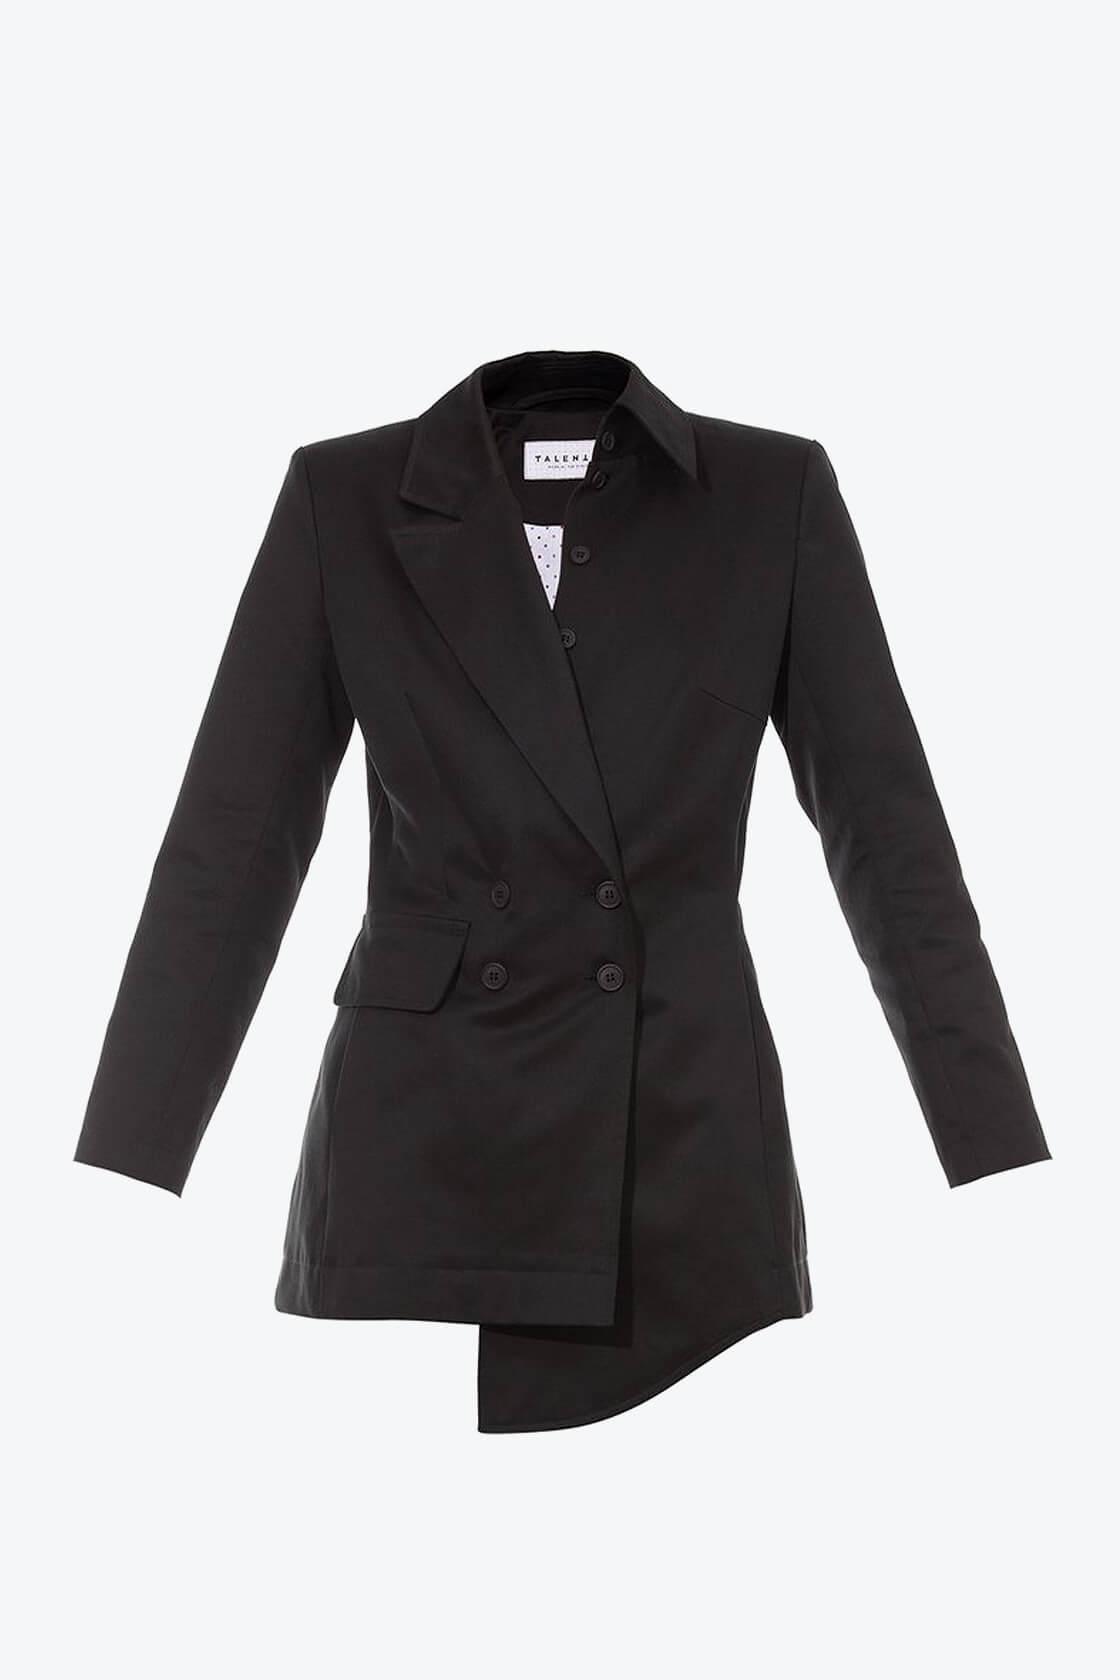 OL10000225 Asymetric blazer black1